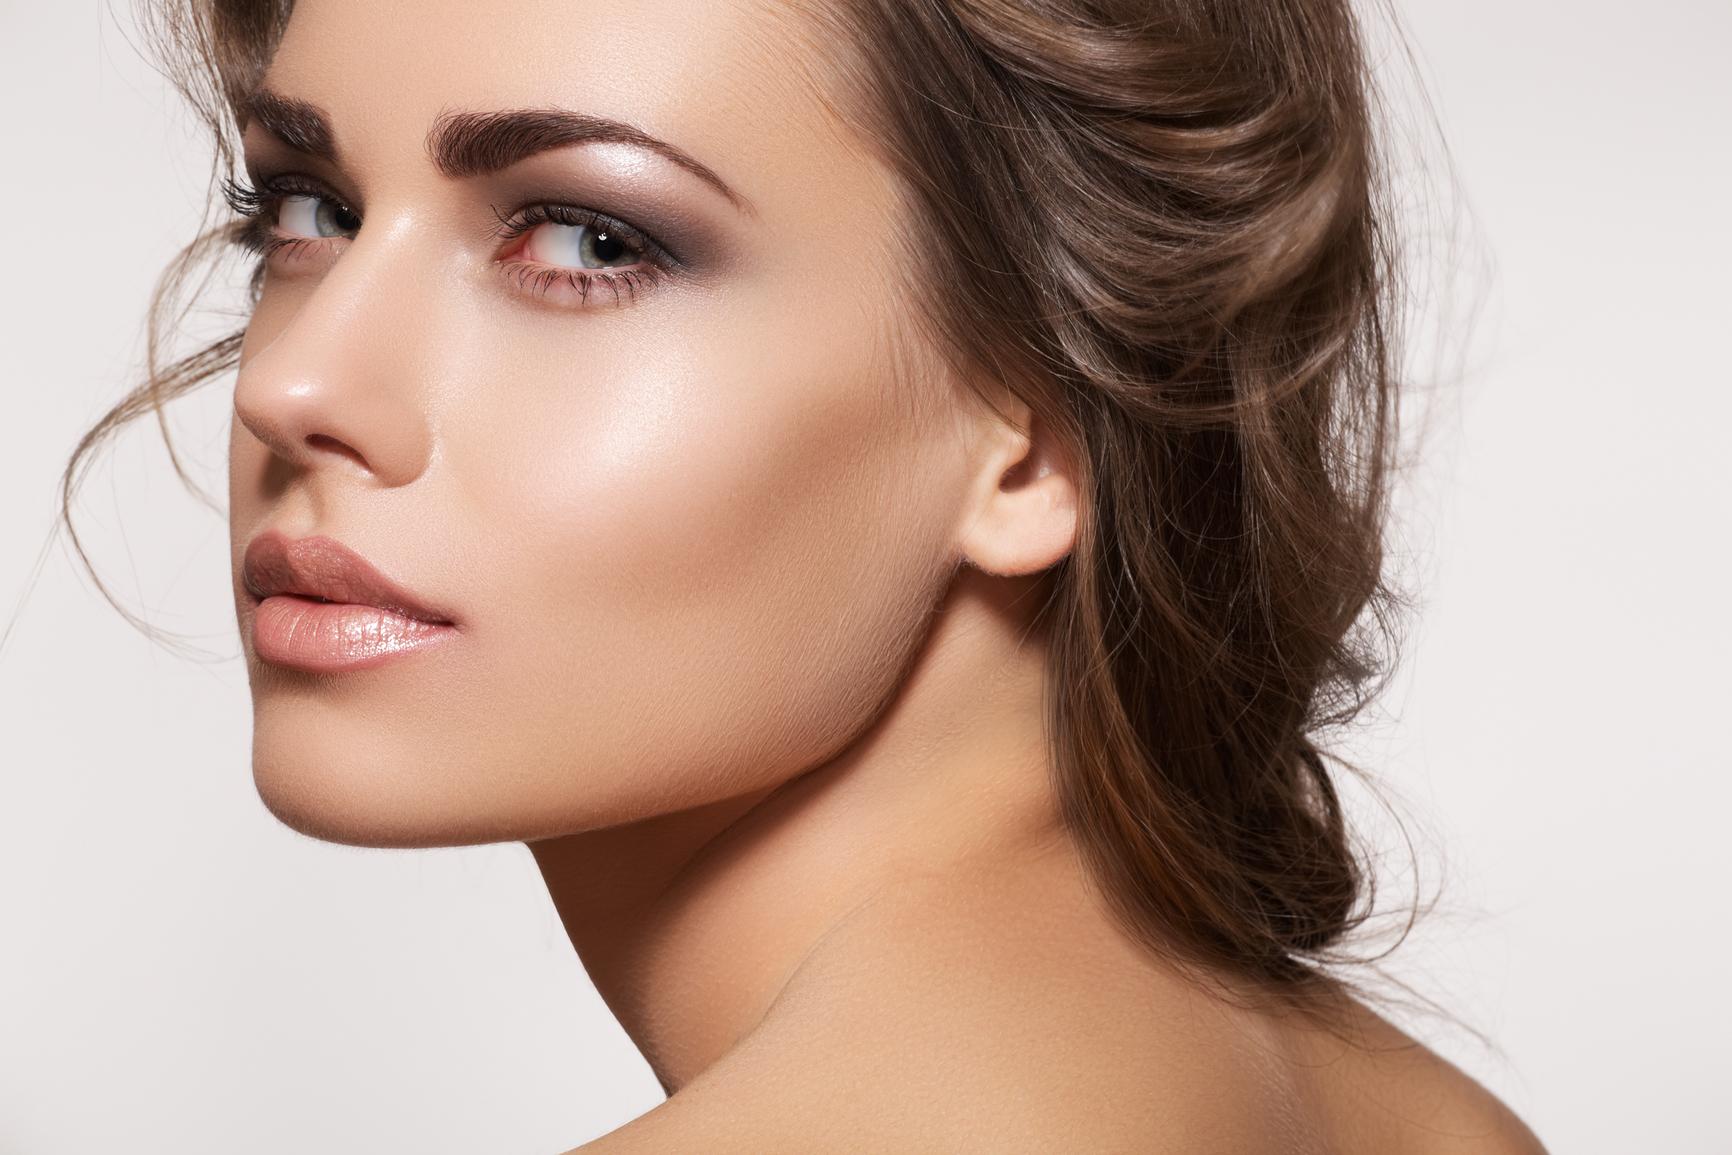 Как выщипать брови правильно: инструкция и полезные советы